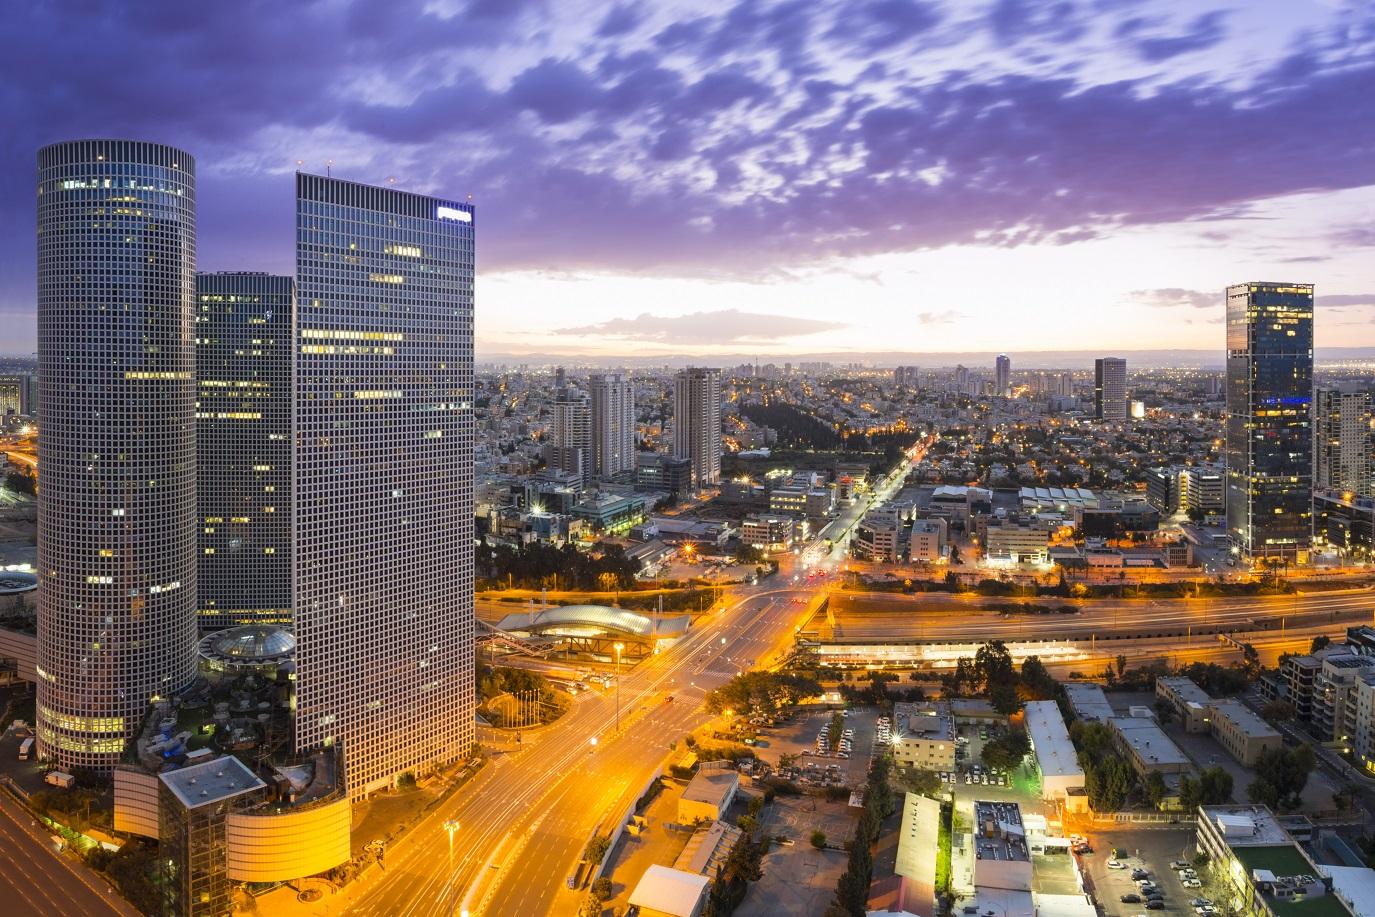 השכרת רכב בתל אביב - אטרקציות מחוץ לעיר